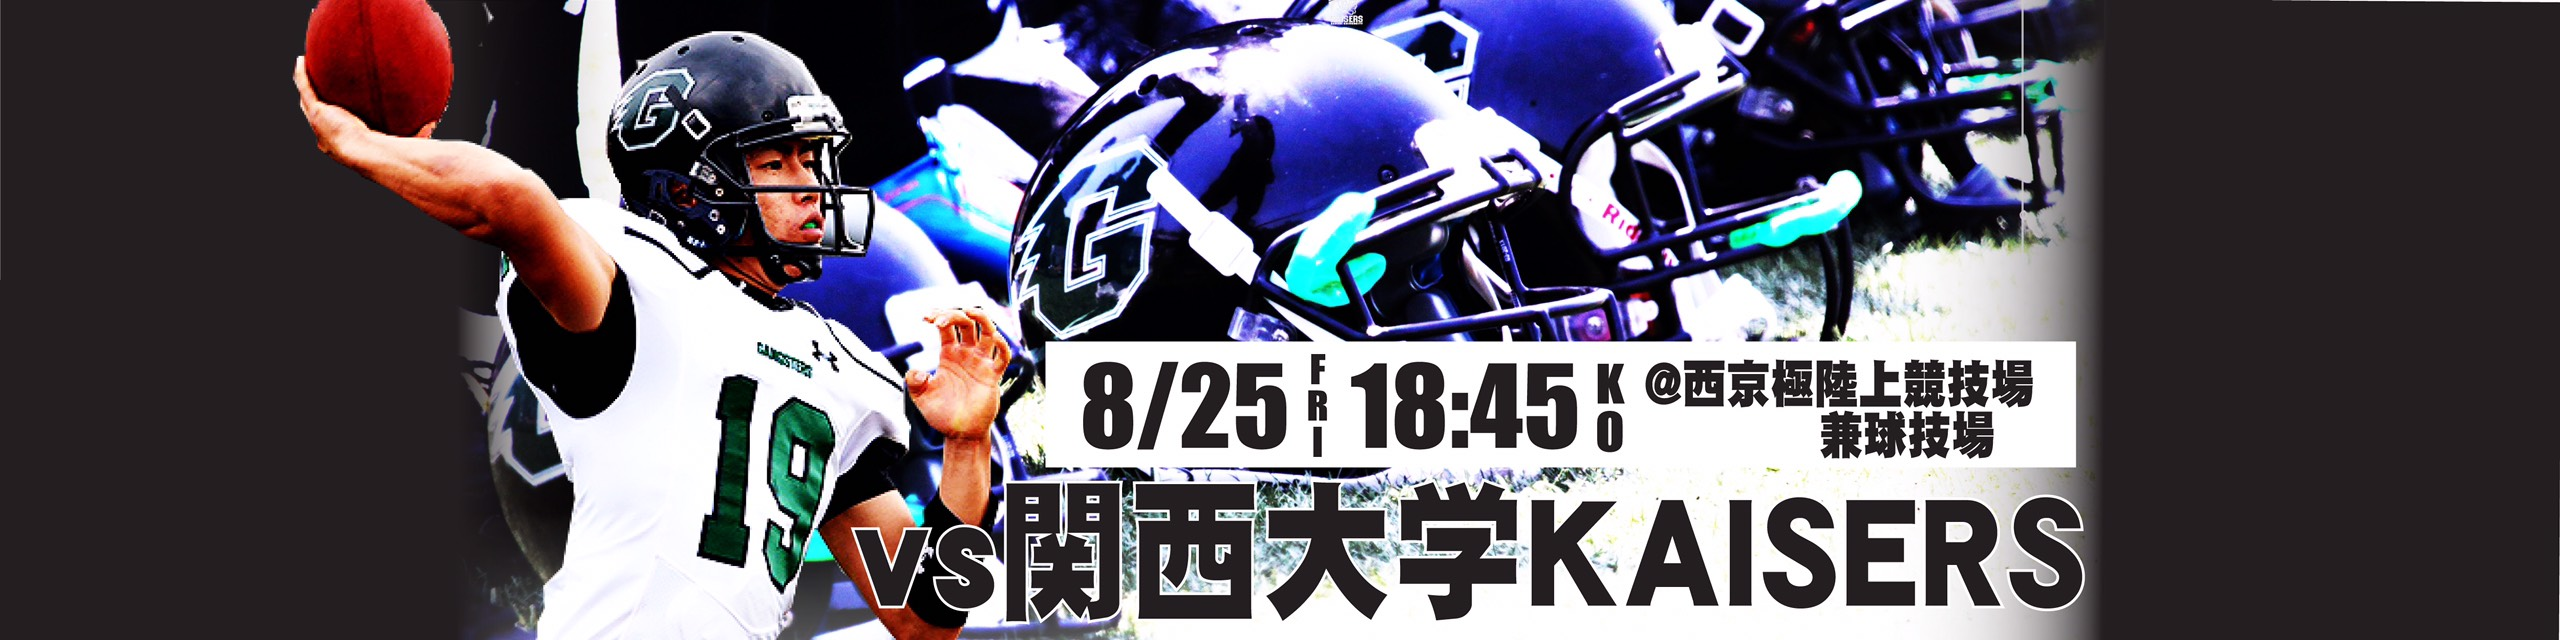 関西大学戦